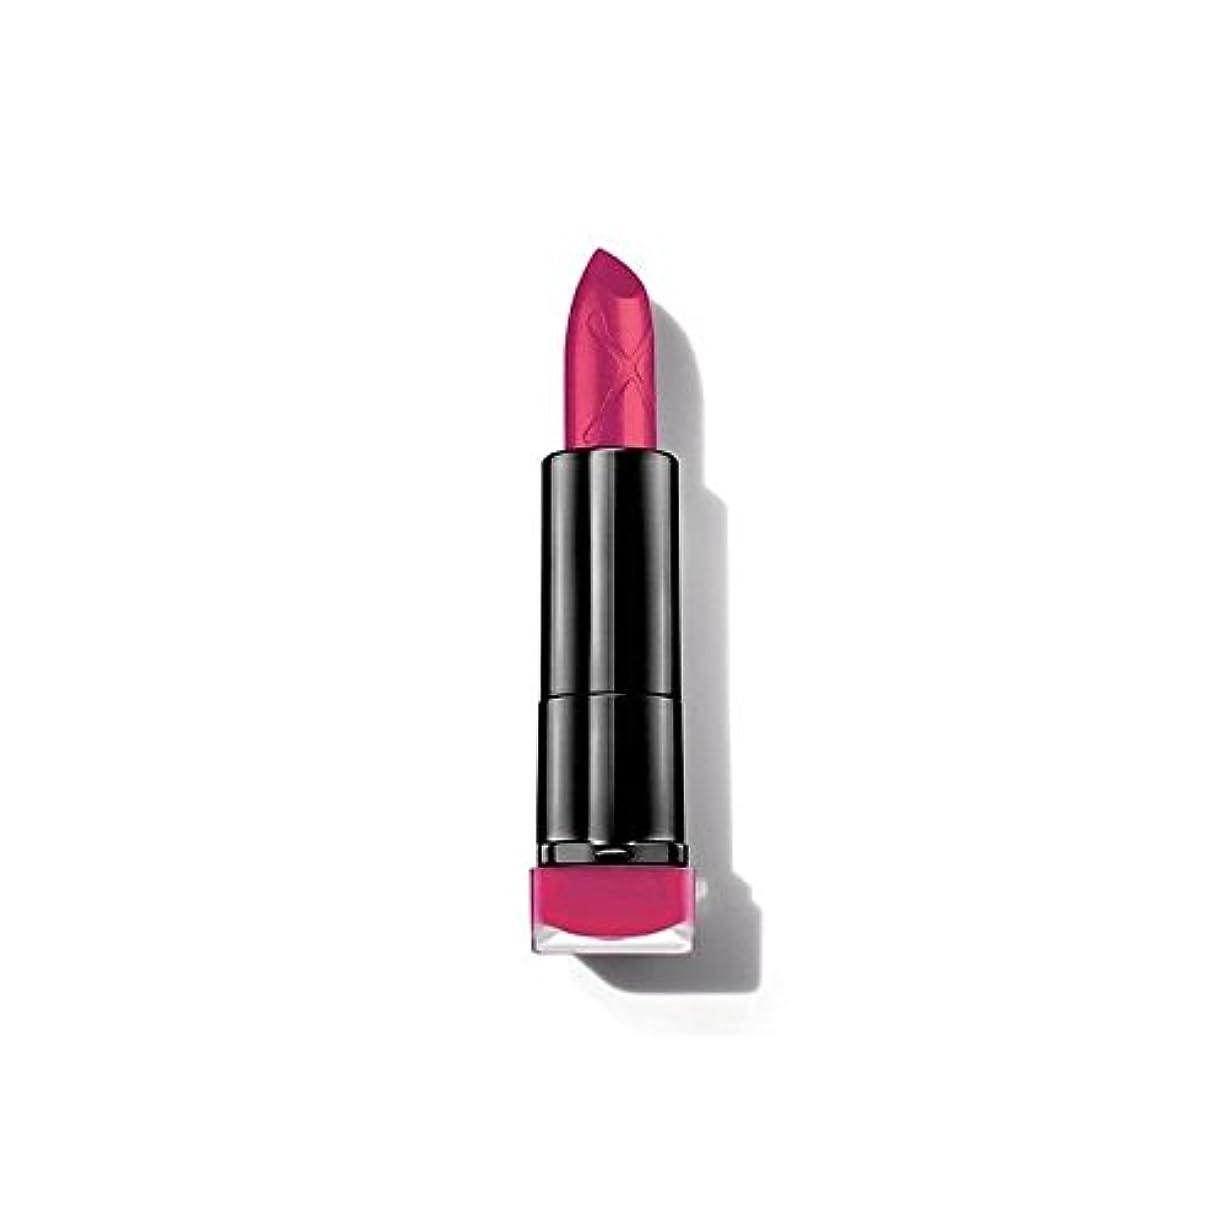 アミューズメント羊飼いほとんどないMax Factor Colour Elixir Matte Bullet Lipstick Blush 25 (Pack of 6) - マックスファクターカラーエリキシルマット弾丸口紅赤面25 x6 [並行輸入品]